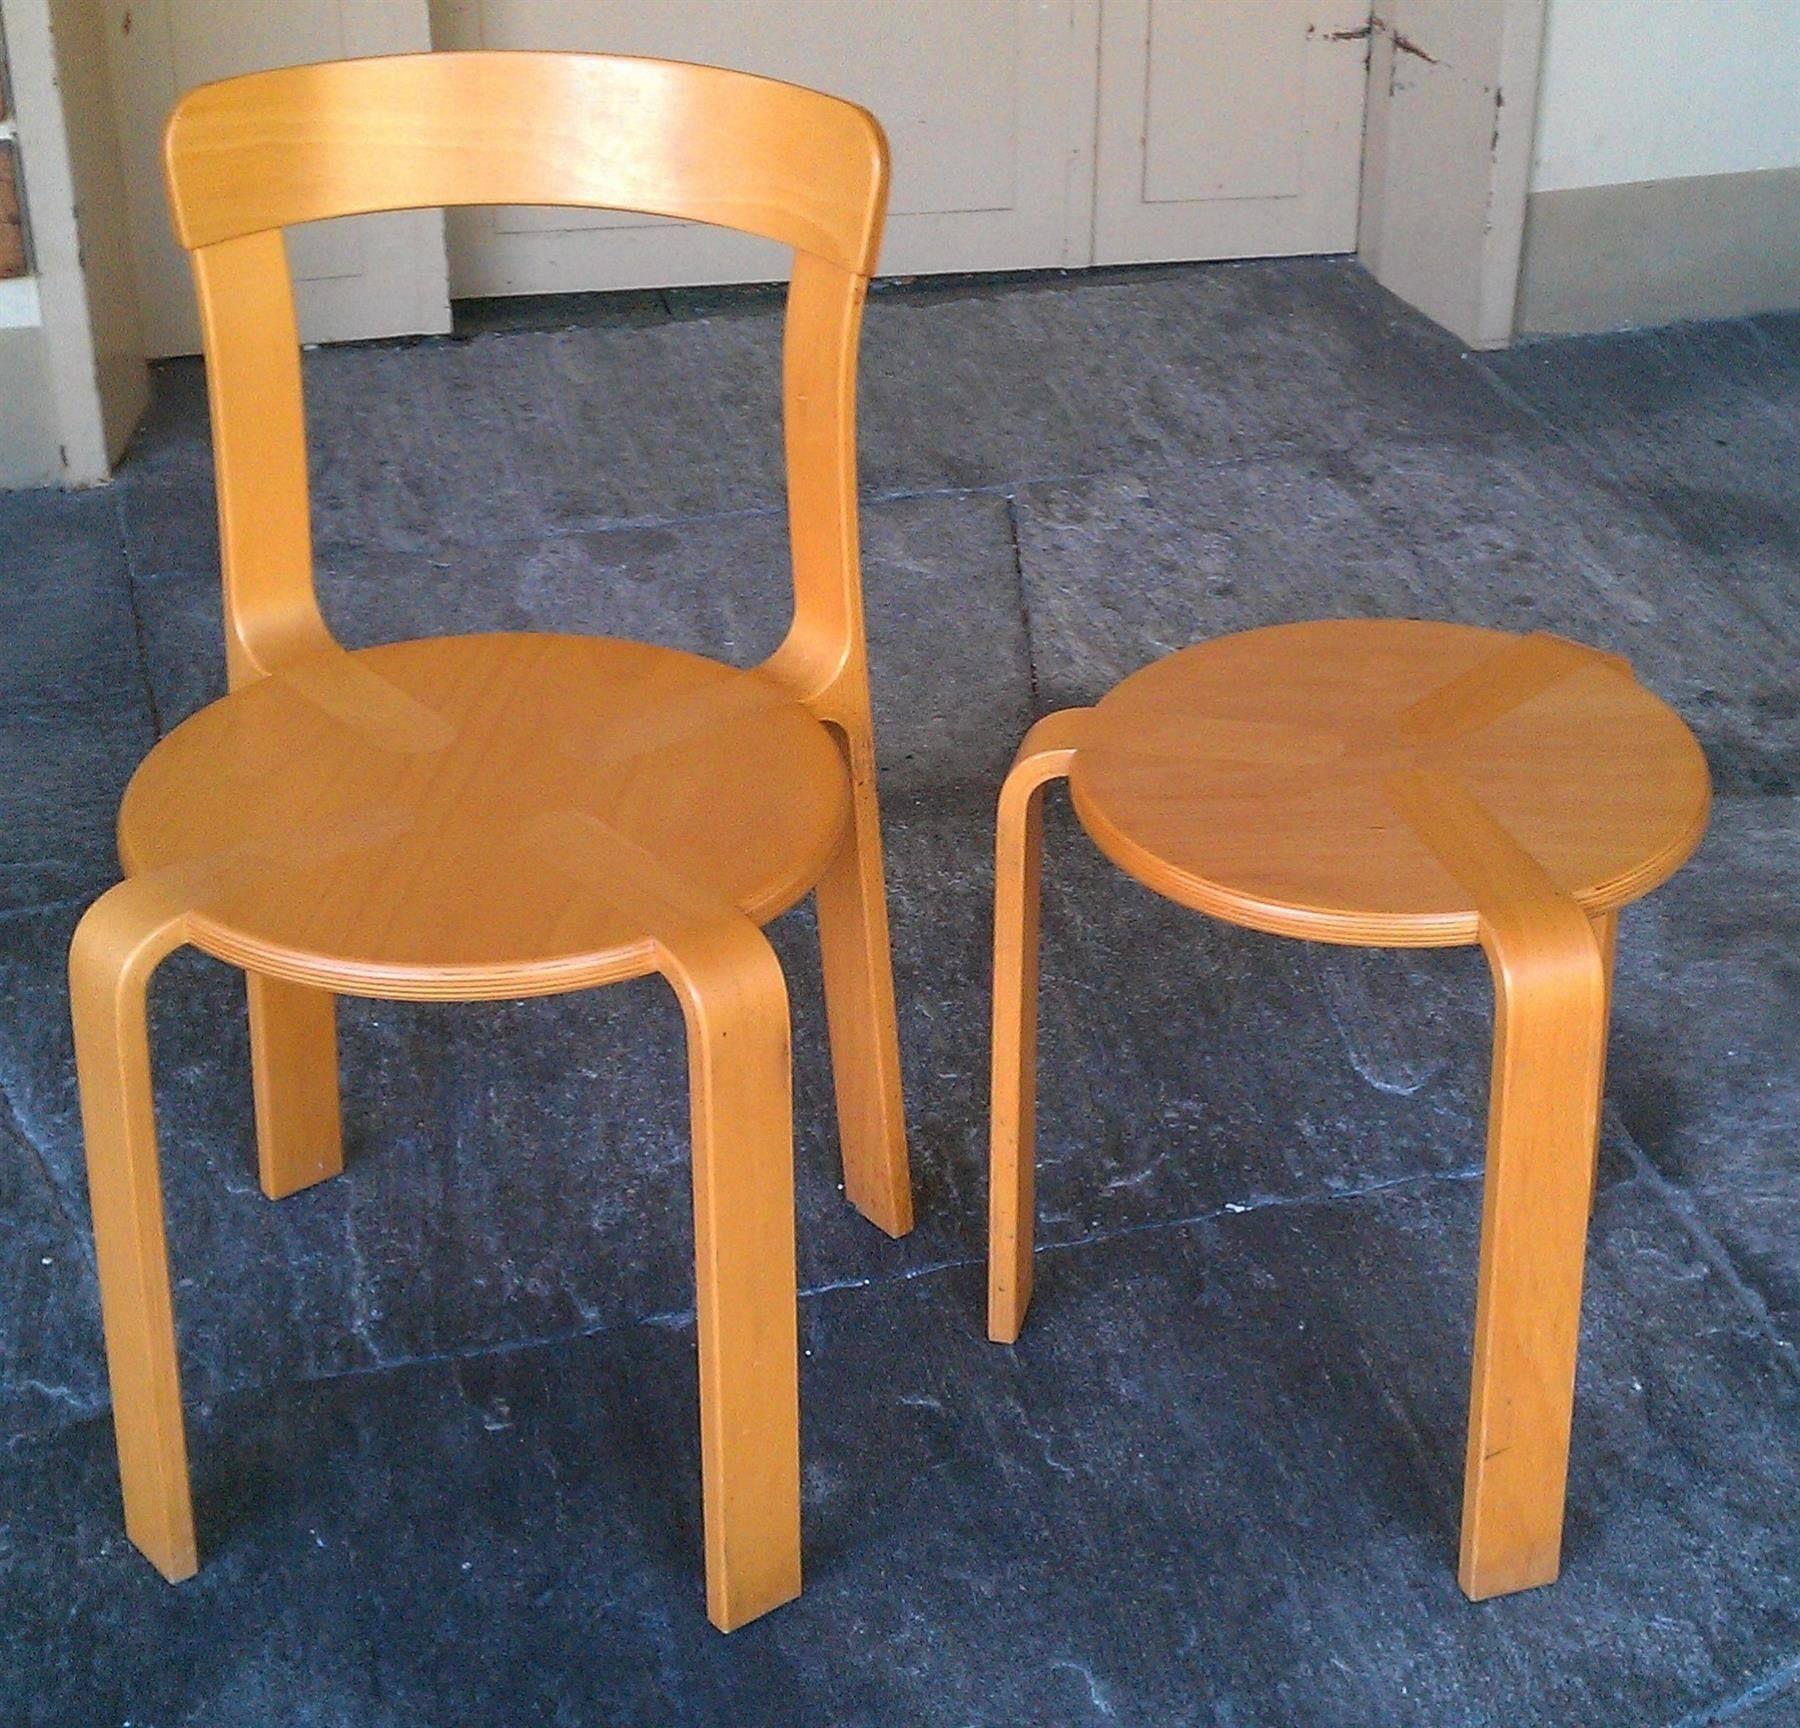 stuhl und hocker simplex design aus holz - 12.10.2016 10:16